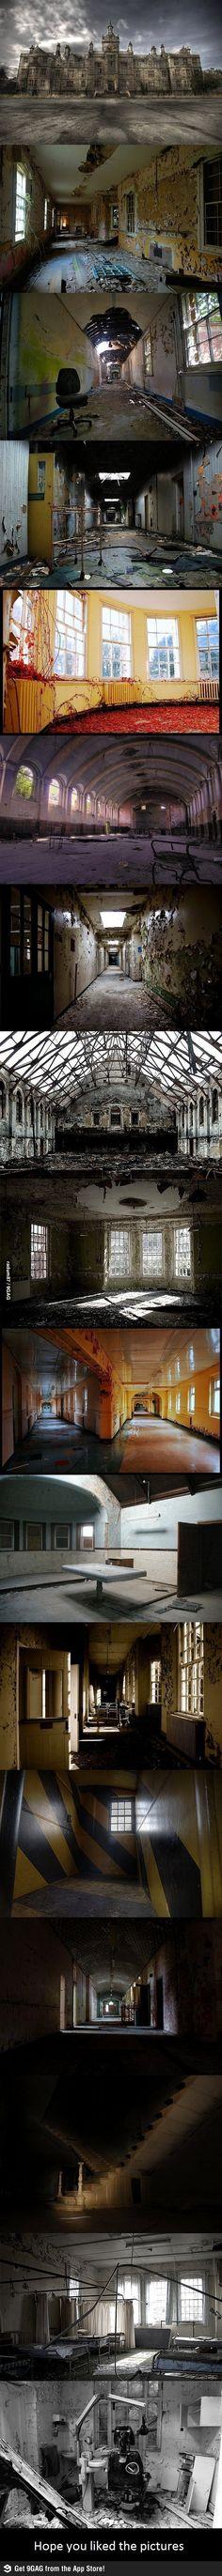 quand les monuments abandonnés deviennent le décor des plus belles scènes d'horreurs